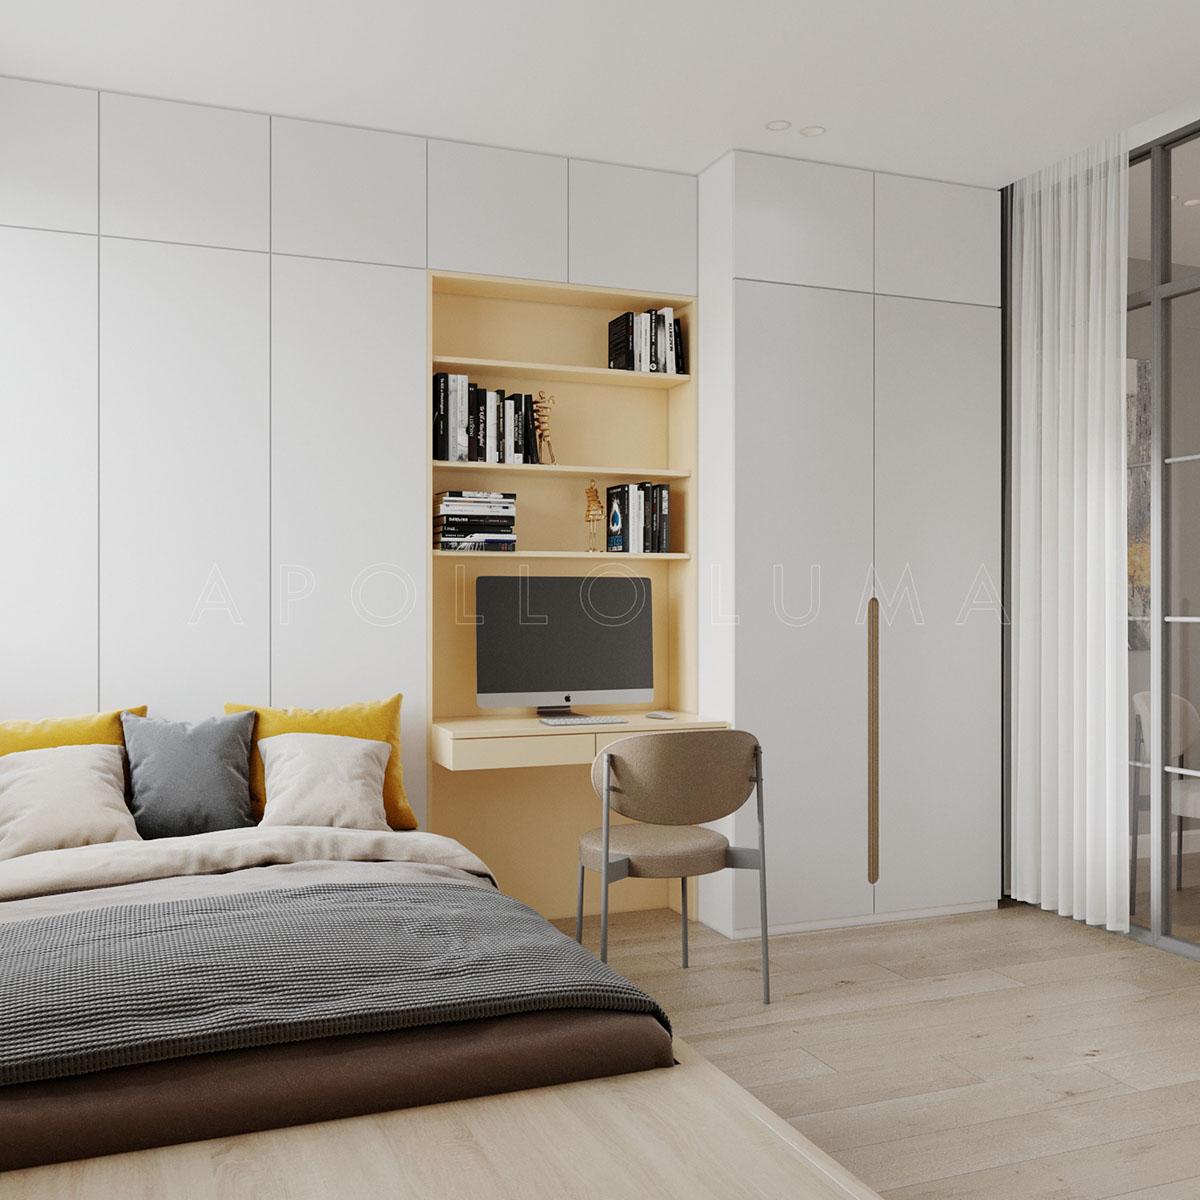 Mẫu thiết kế nội thất căn hộ Berriver Jardin Long Biên